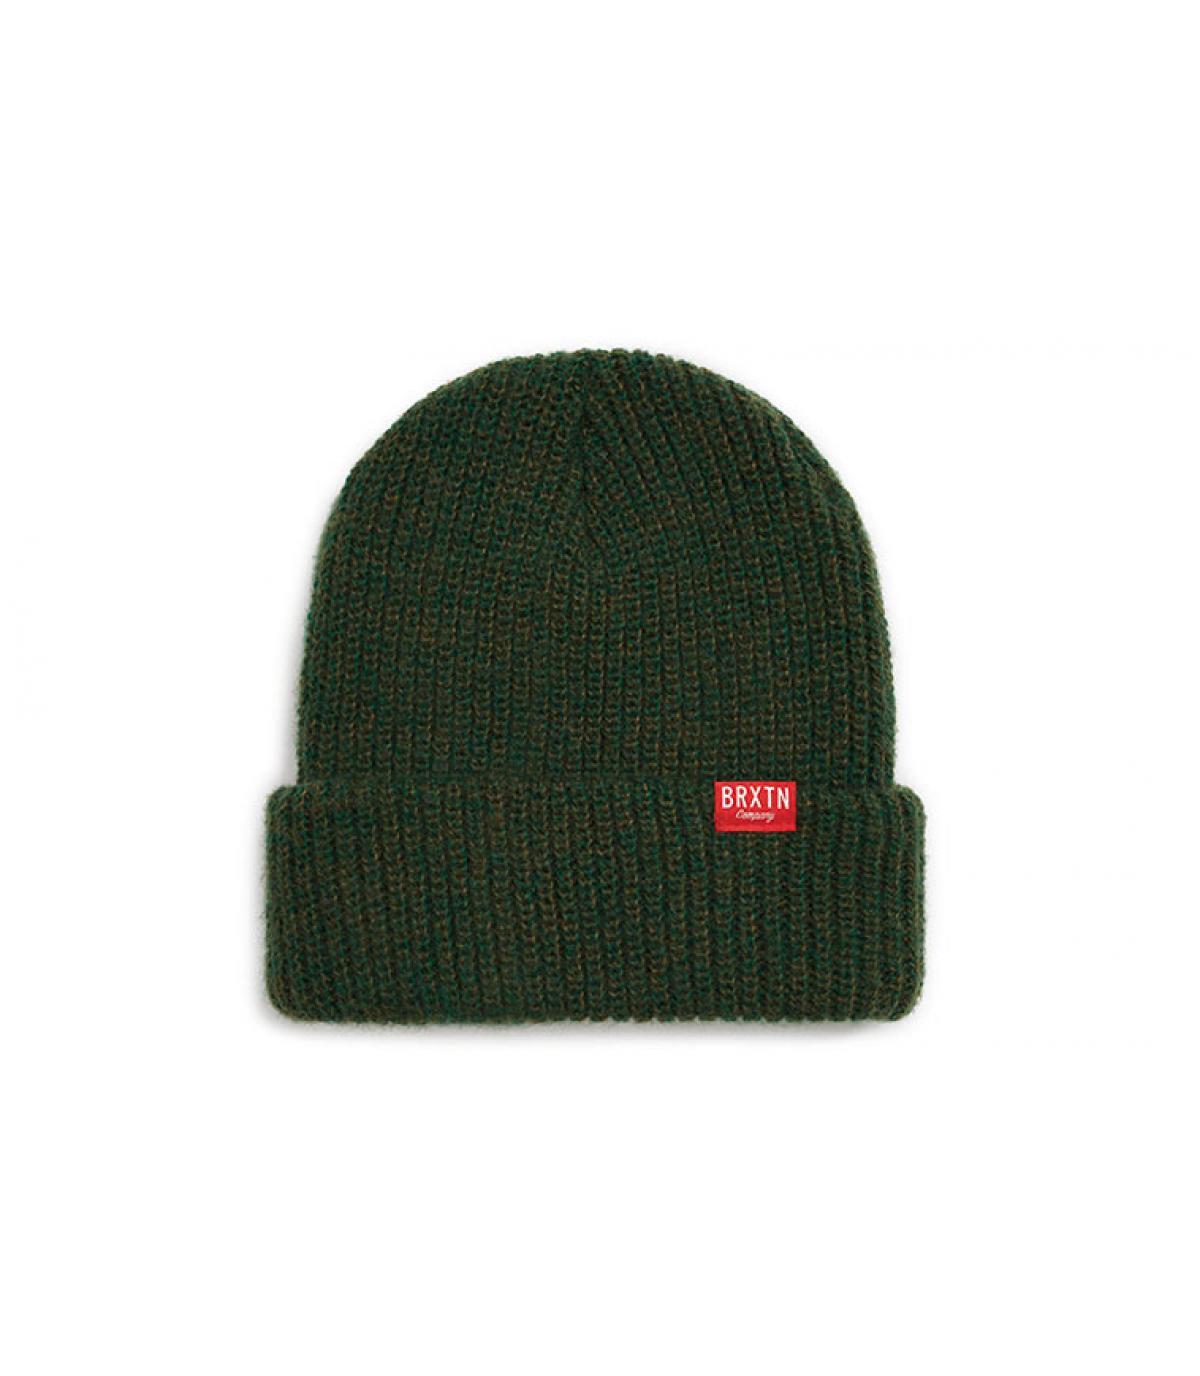 e5233ffa4a3f47 dark green beanie Brixton. Détails Redmond Beanie forest green - image 3;  Détails Redmond Beanie forest green - image ...